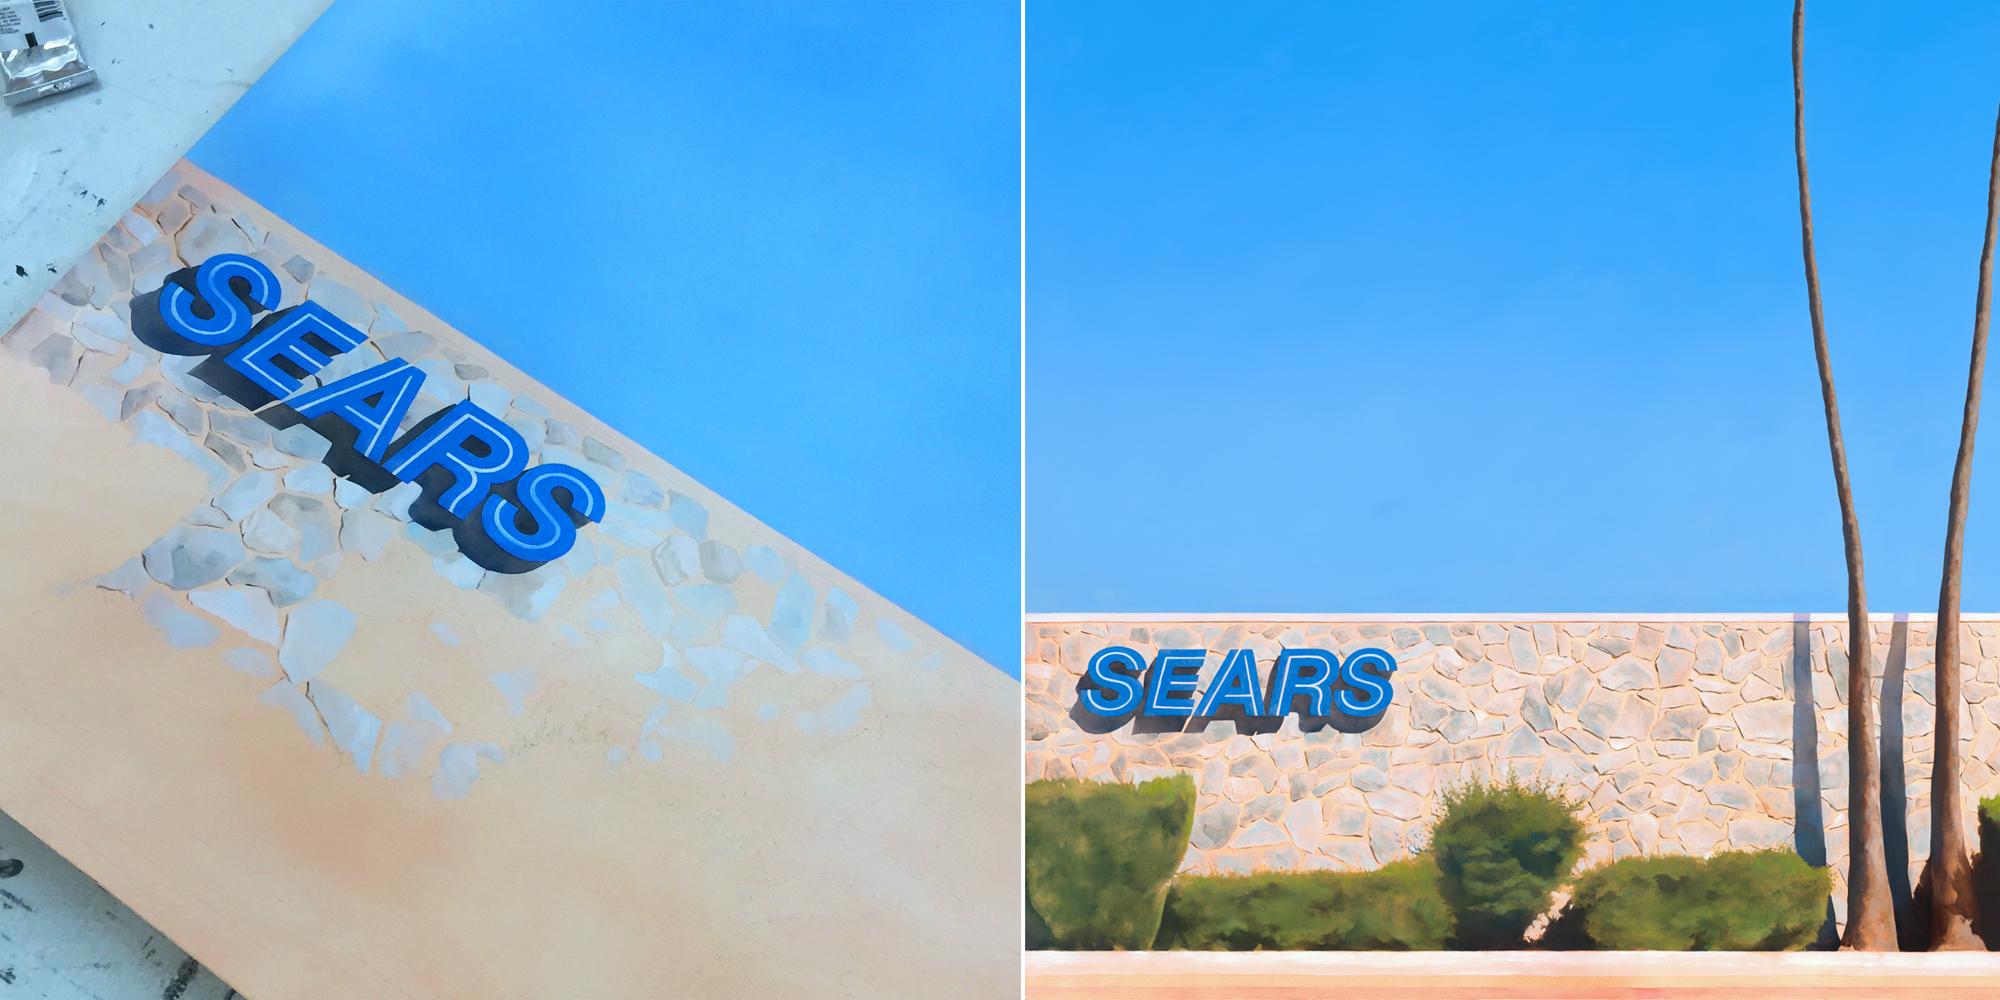 sears_progress_2000x1000a.jpg